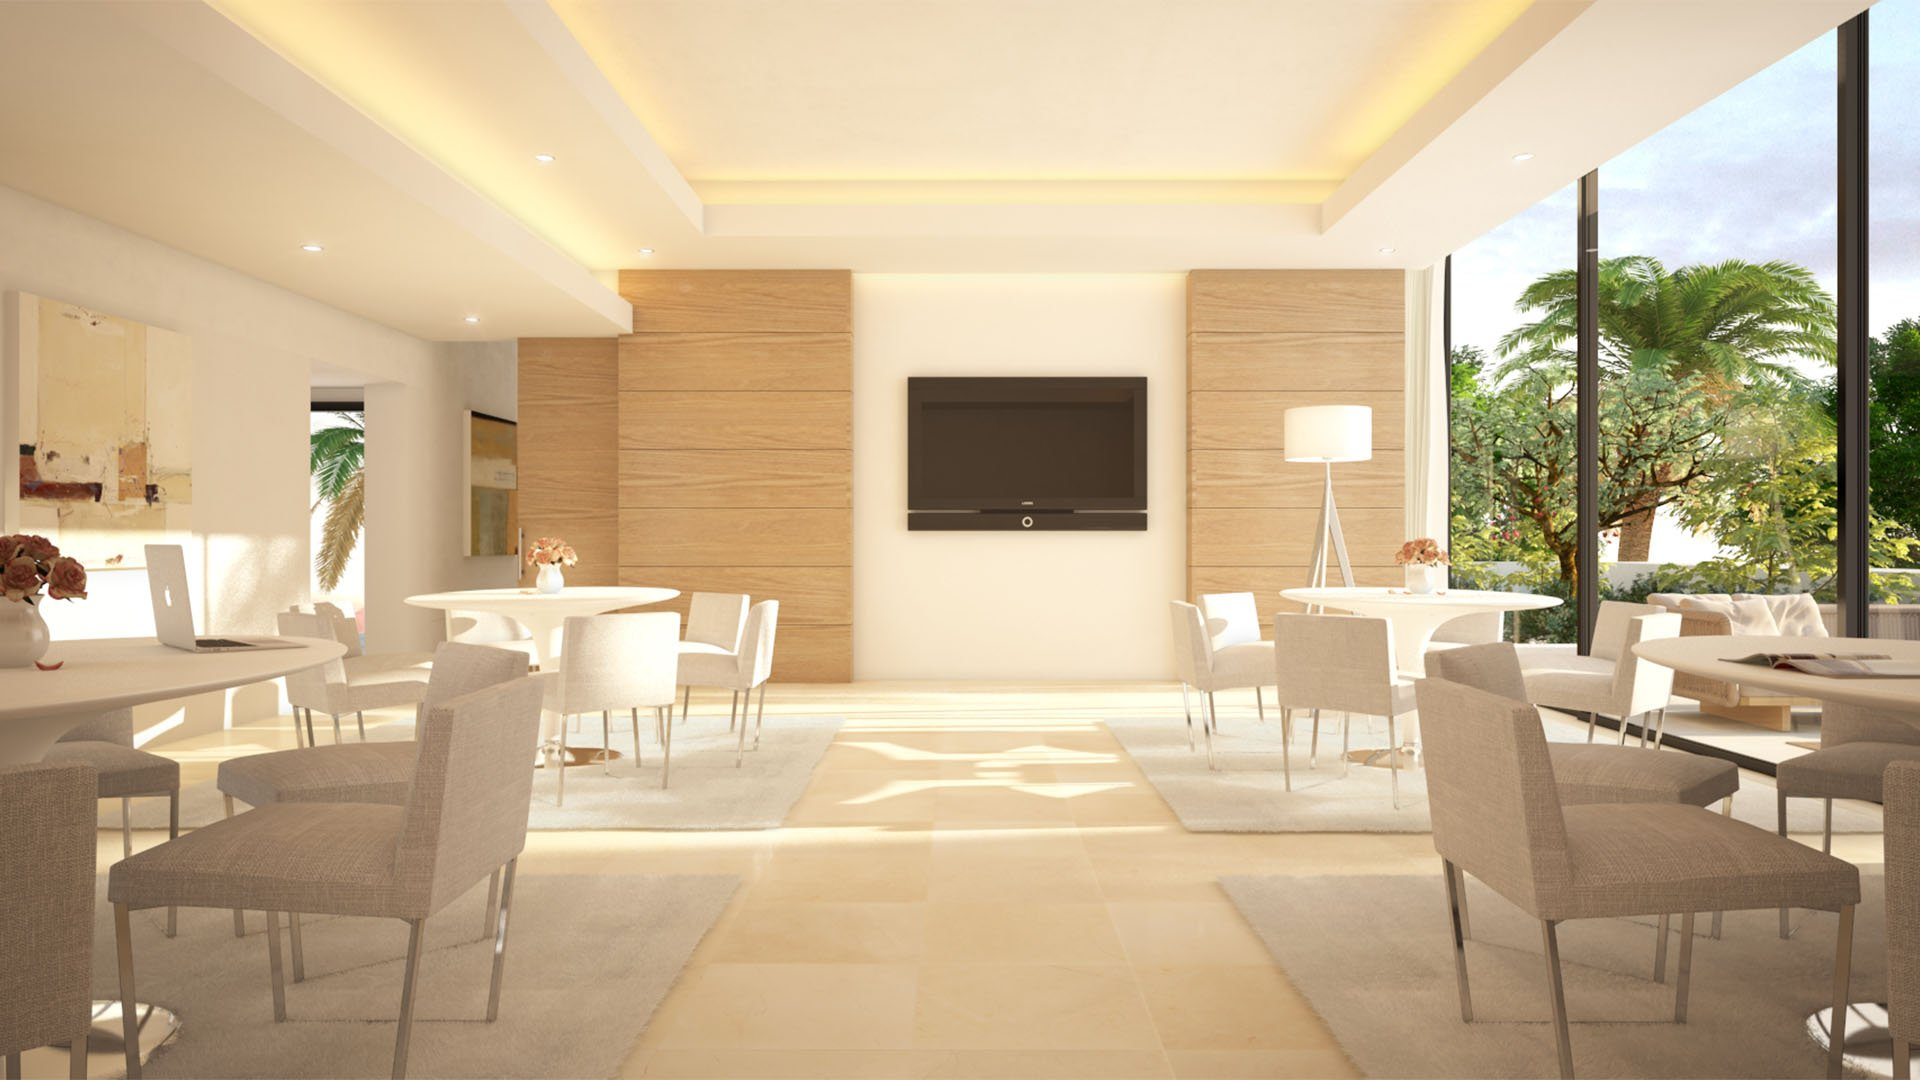 La Finca 2:  Luxury villa in Marbella